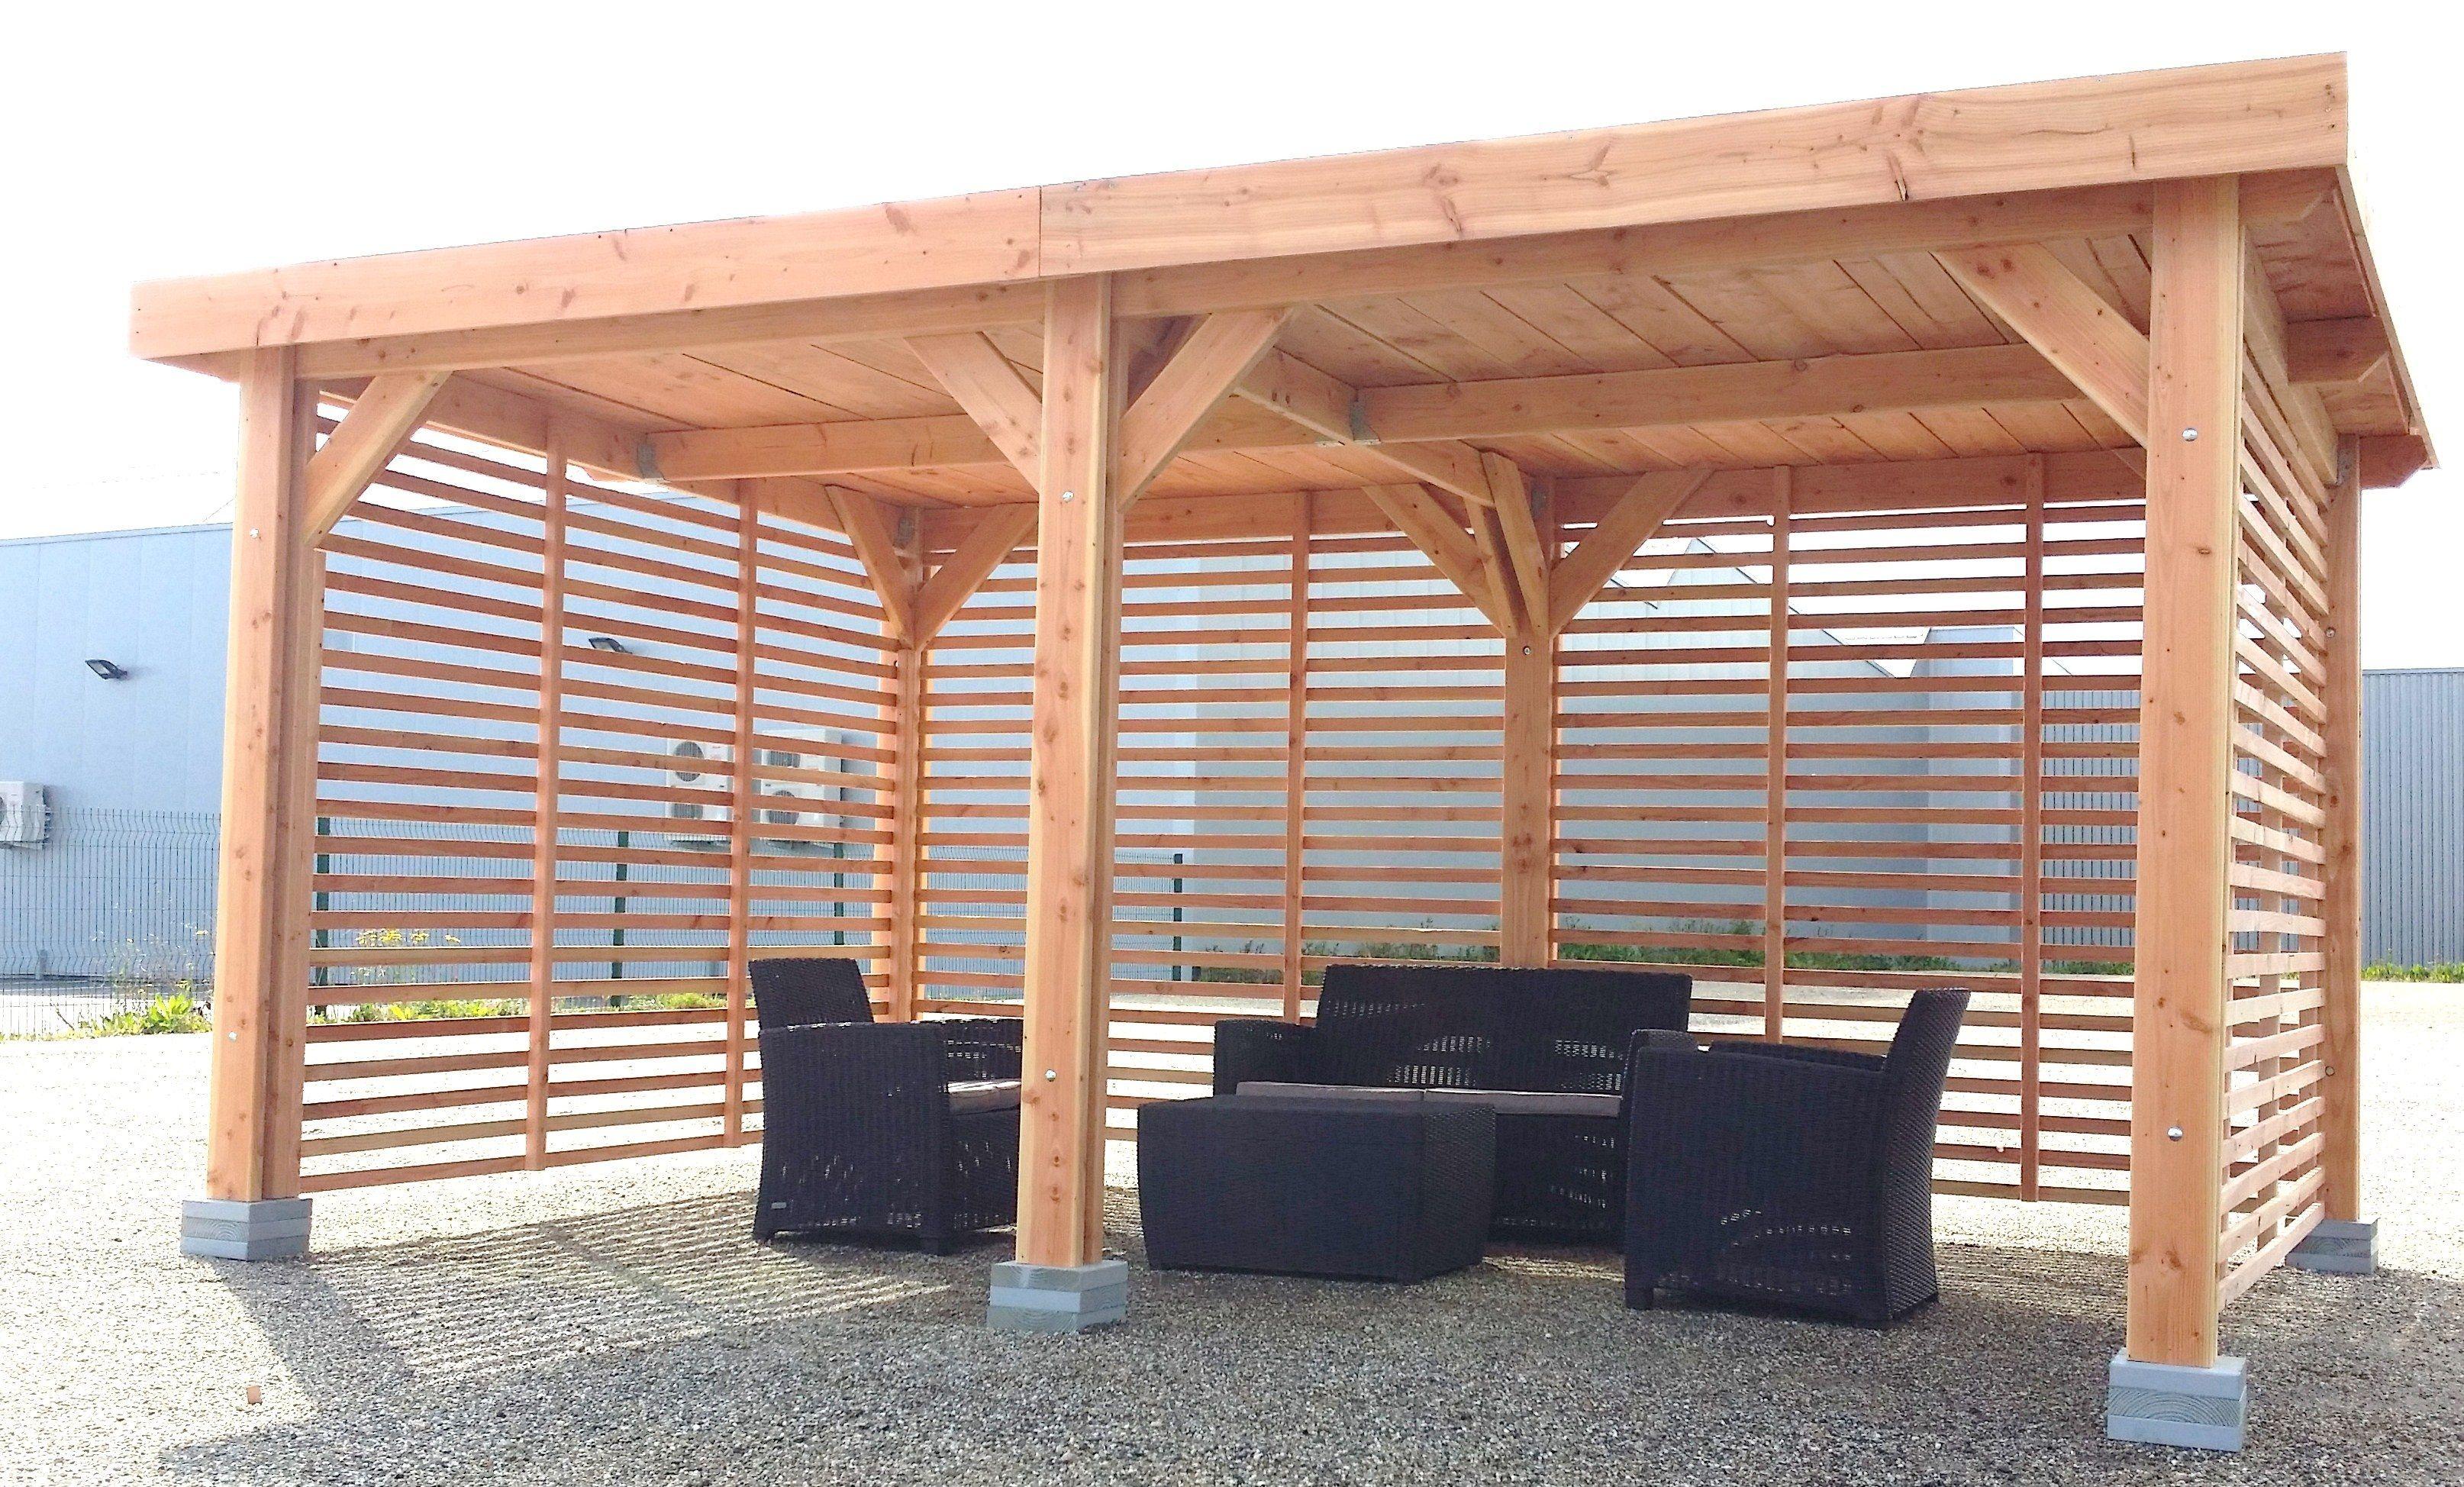 Épinglé Par Mondo Sur Bois En 2020 | Abri Terrasse avec Abri De Terrasse En Bois